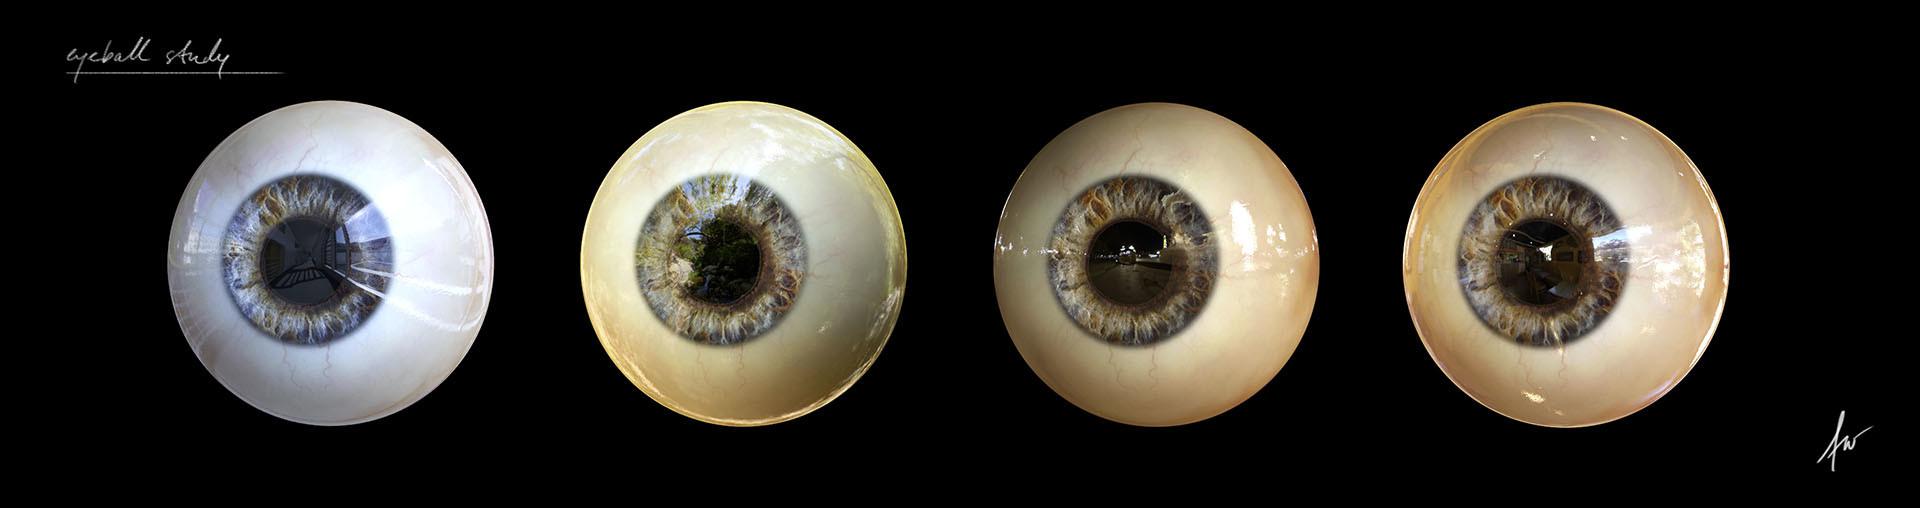 Felix wolf eyeballs